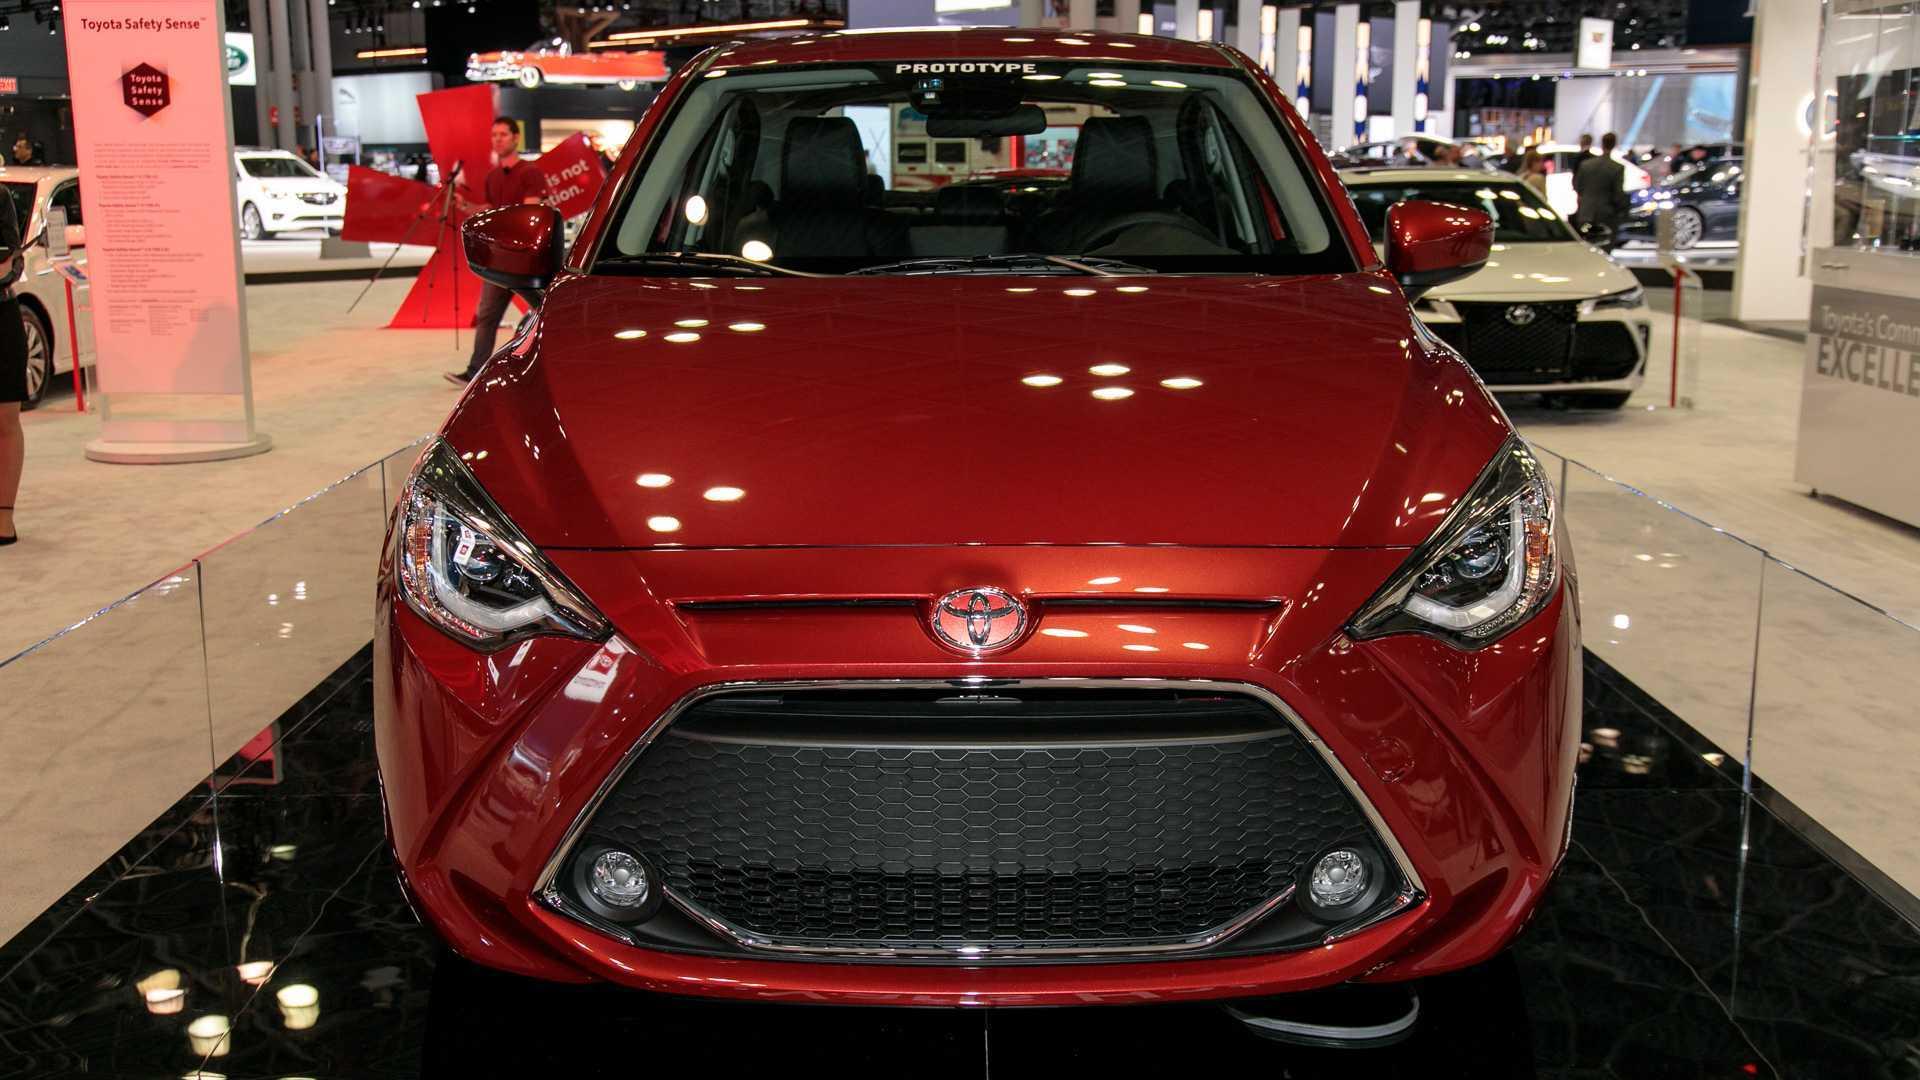 Thế hệ mới của Toyota Yaris vừa chính thức được trình làng trong khuôn khổ Triển lãm Ô tô New York 2019 với diện mạo trông rất giống với Mazda 2